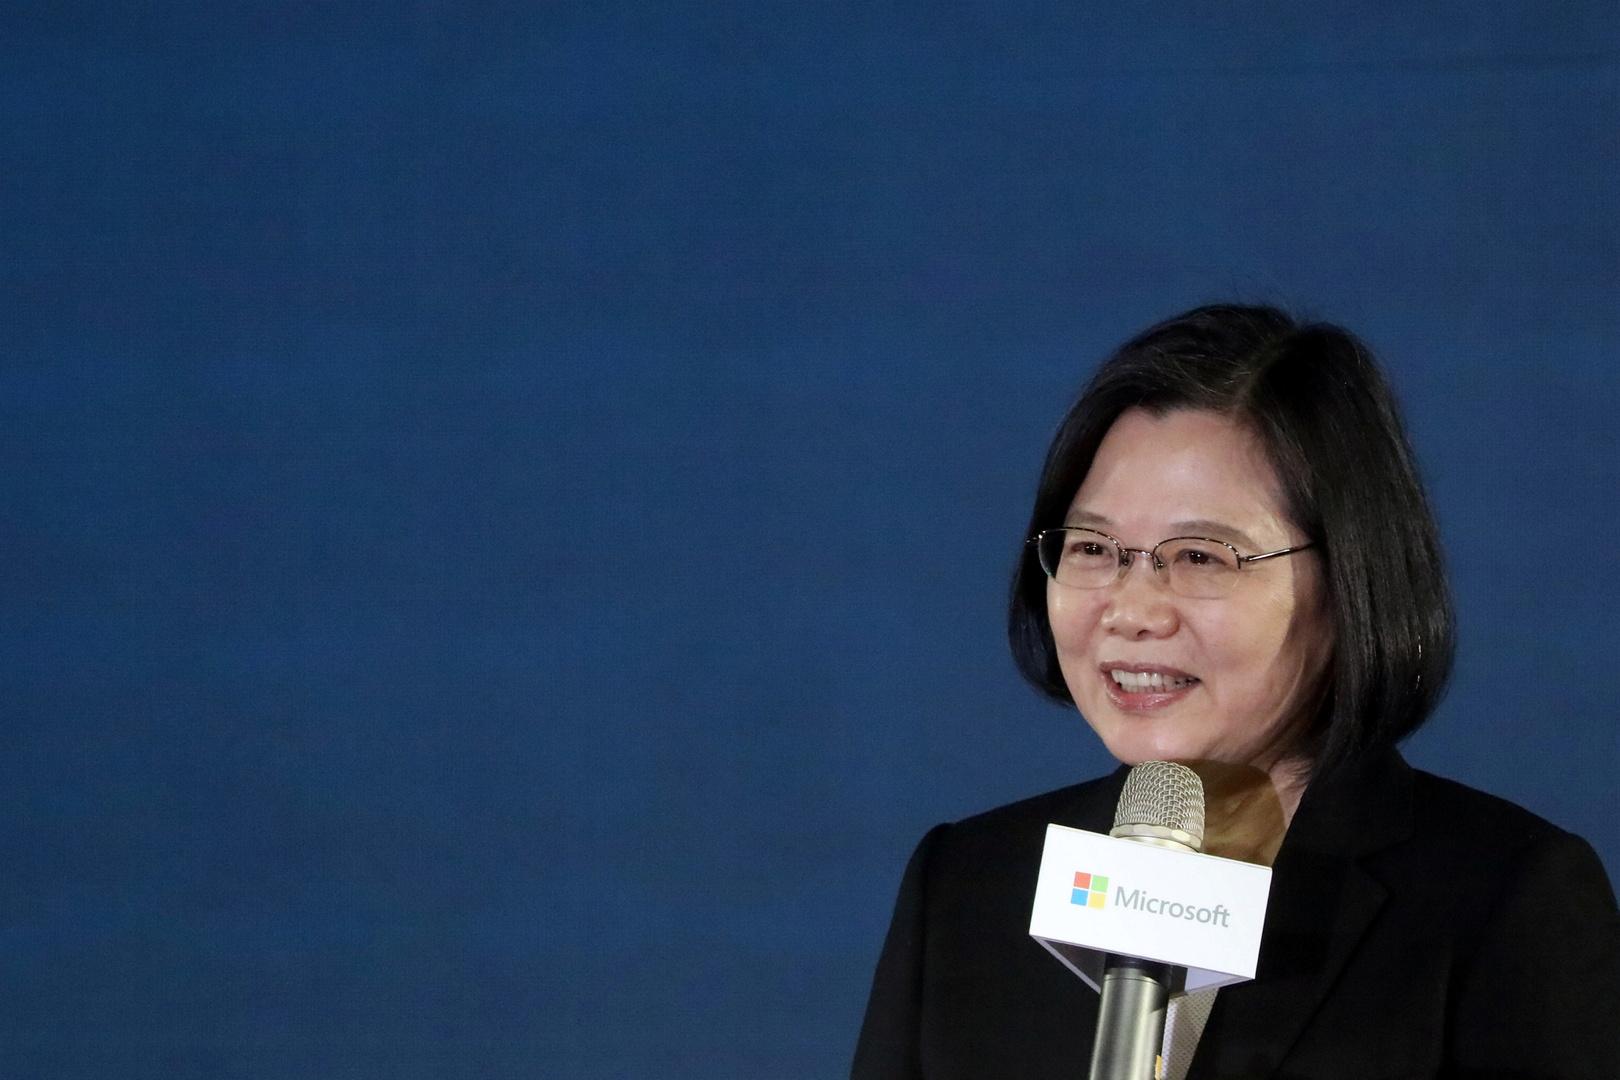 تايوان تدعو الصين إلى حوار هادئ على أساس الندية والاحترام المتبادل